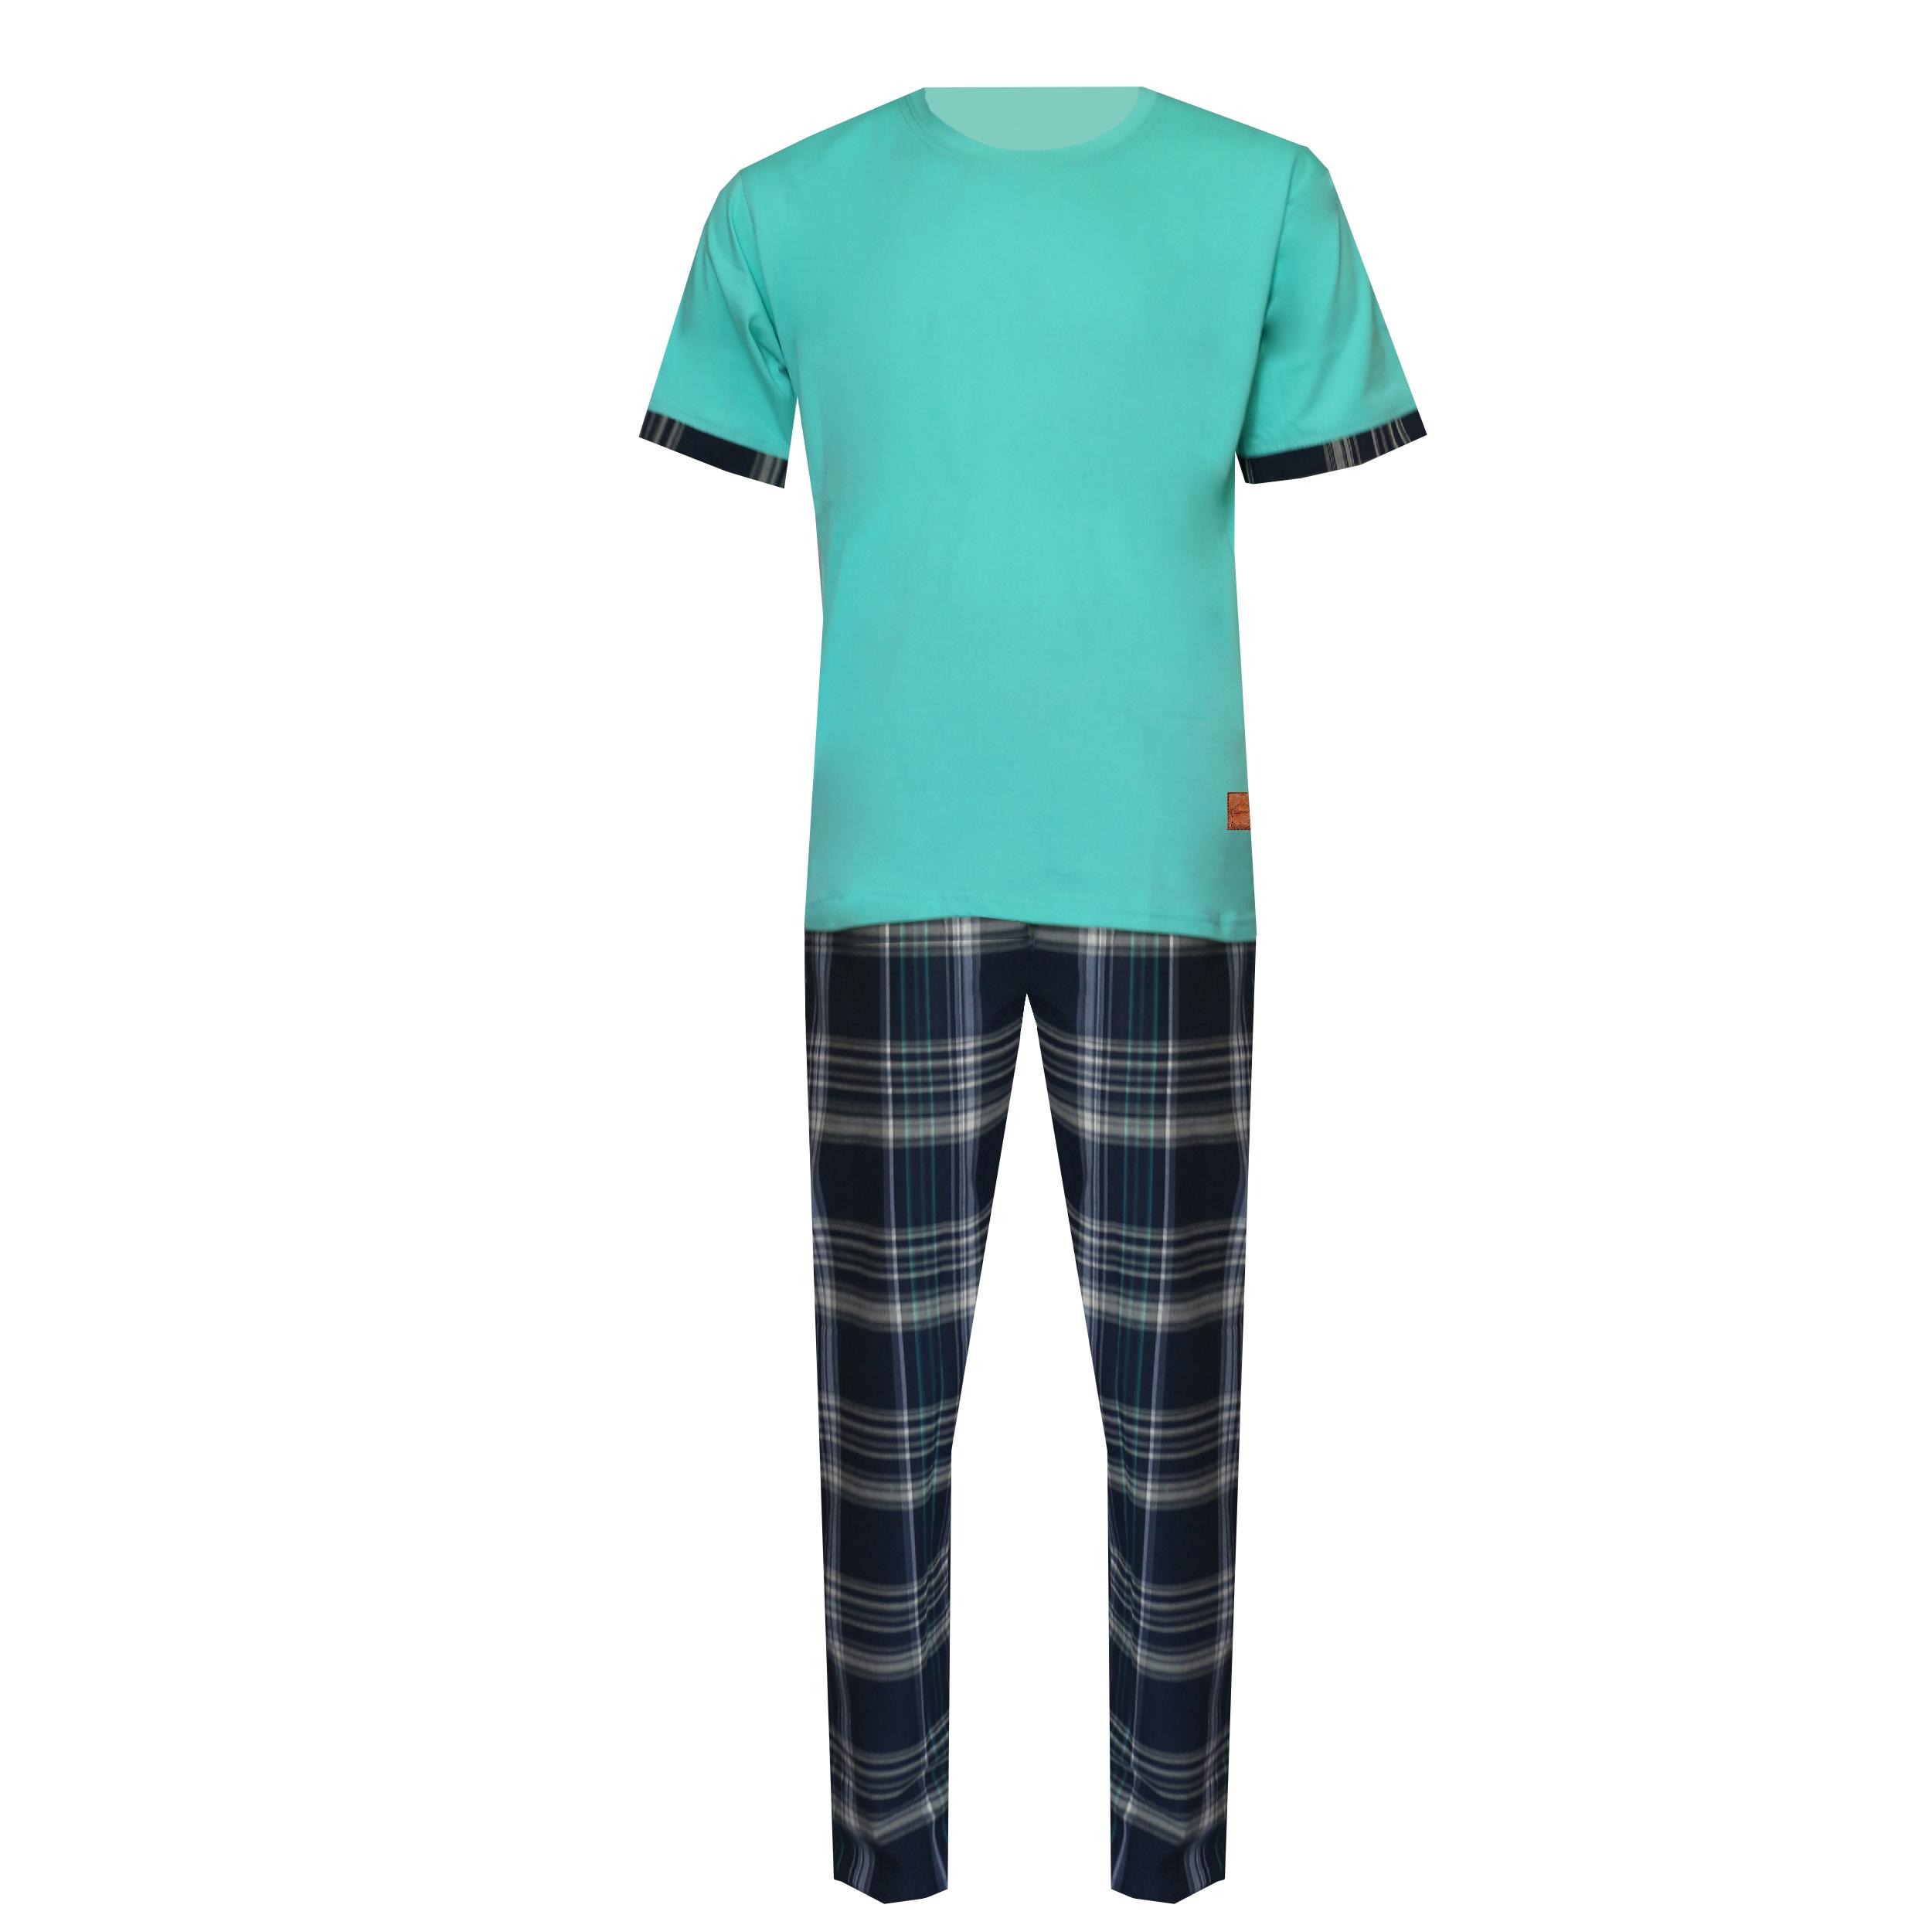 ست تی شرت و شلوار مردانه لباس خونه کد 990803 رنگ سبز